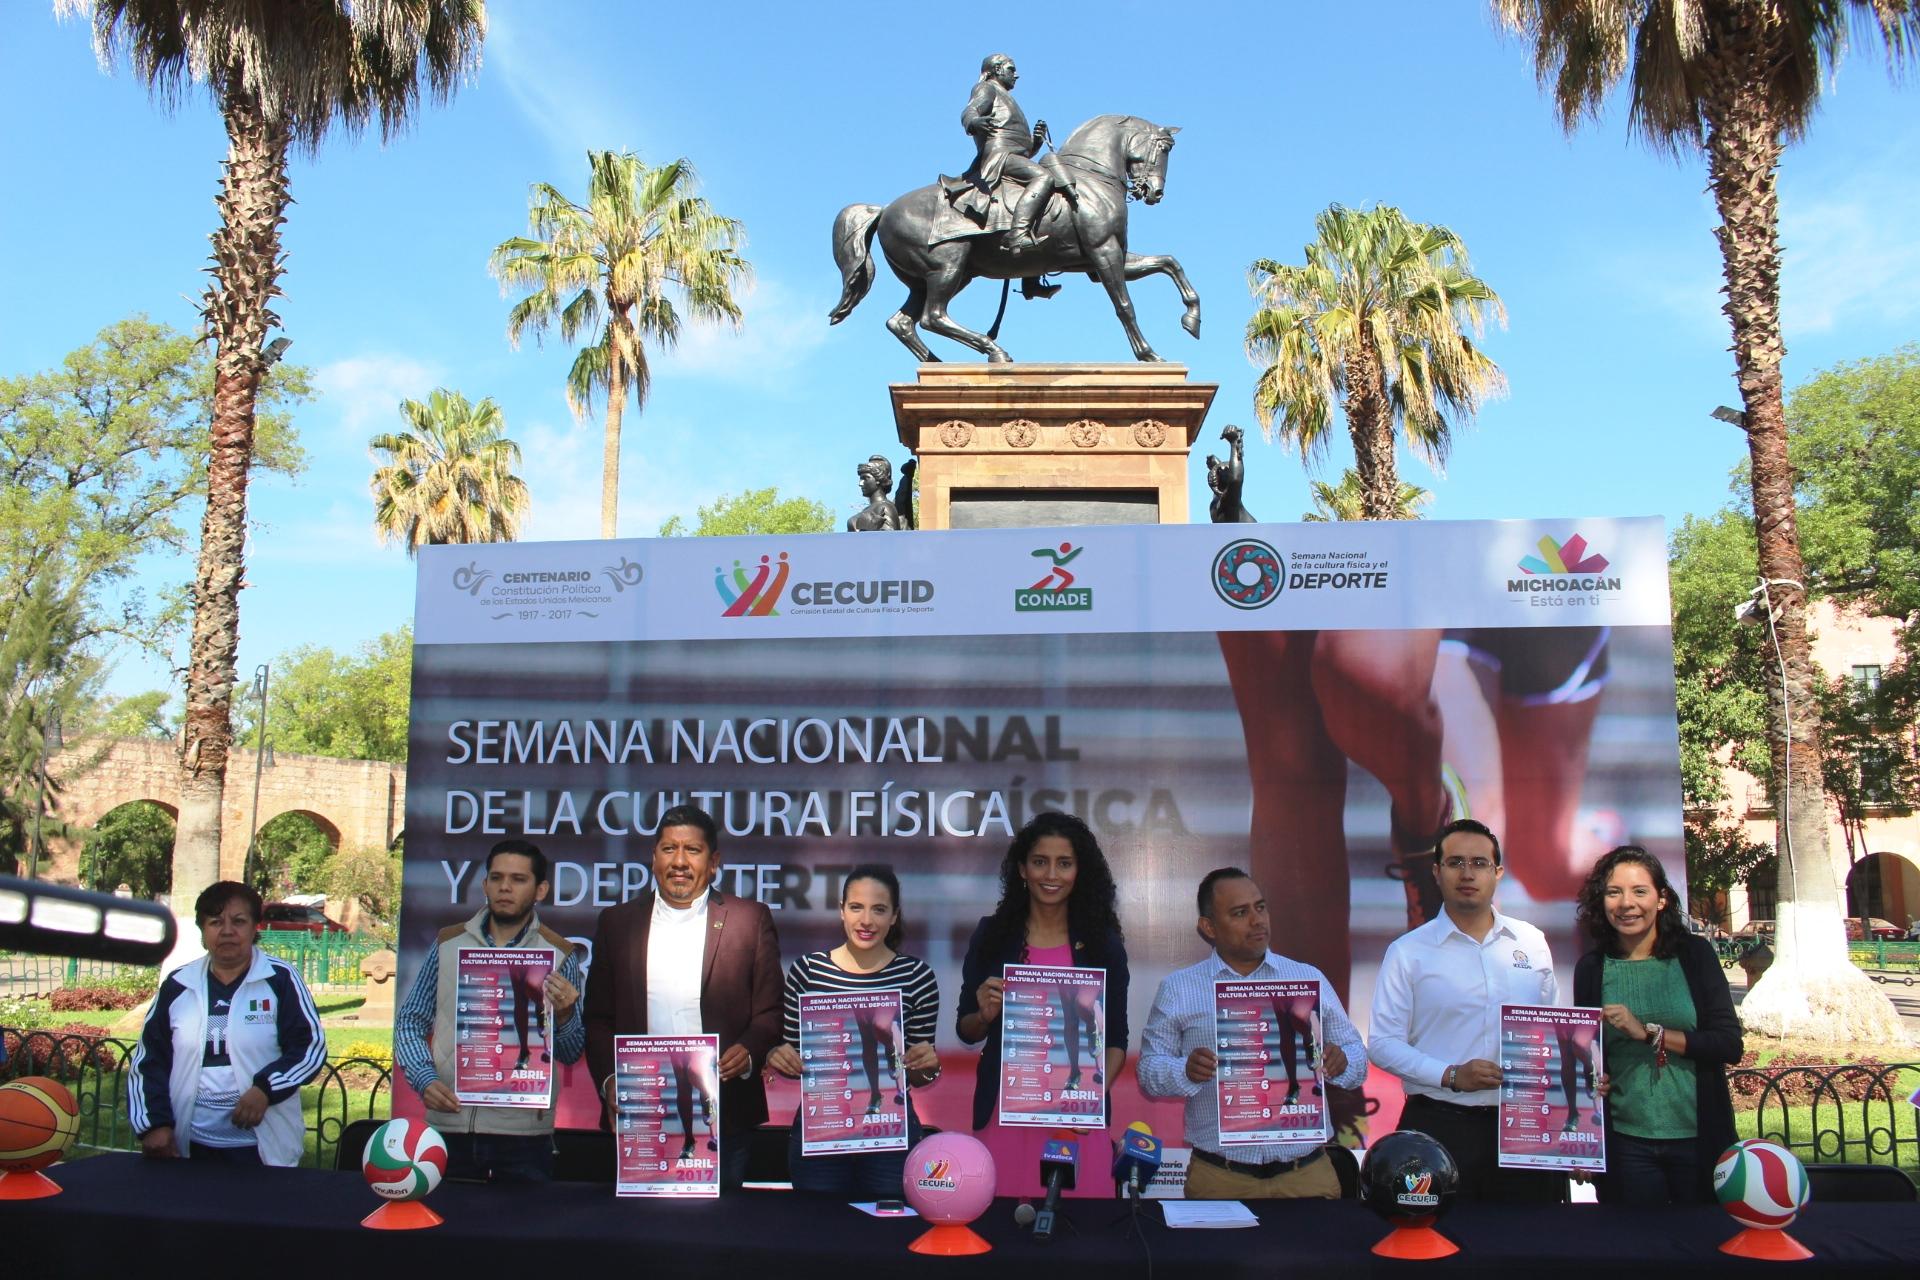 Rueda de prensa Semana Nacional de Cultura Física y del Deporte 2017 (11)